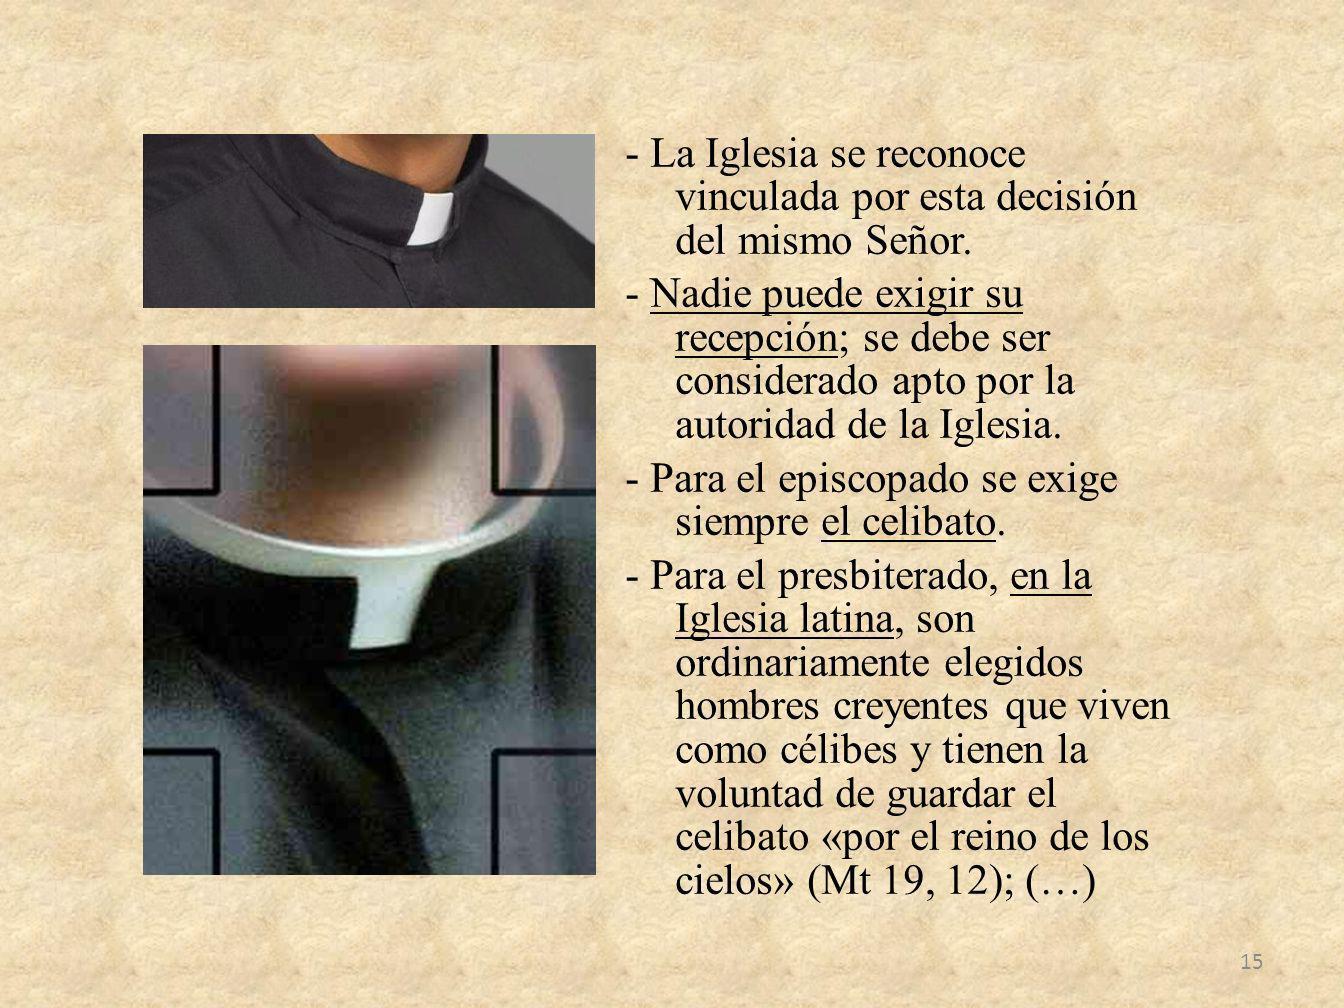 - La Iglesia se reconoce vinculada por esta decisión del mismo Señor. - Nadie puede exigir su recepción; se debe ser considerado apto por la autoridad